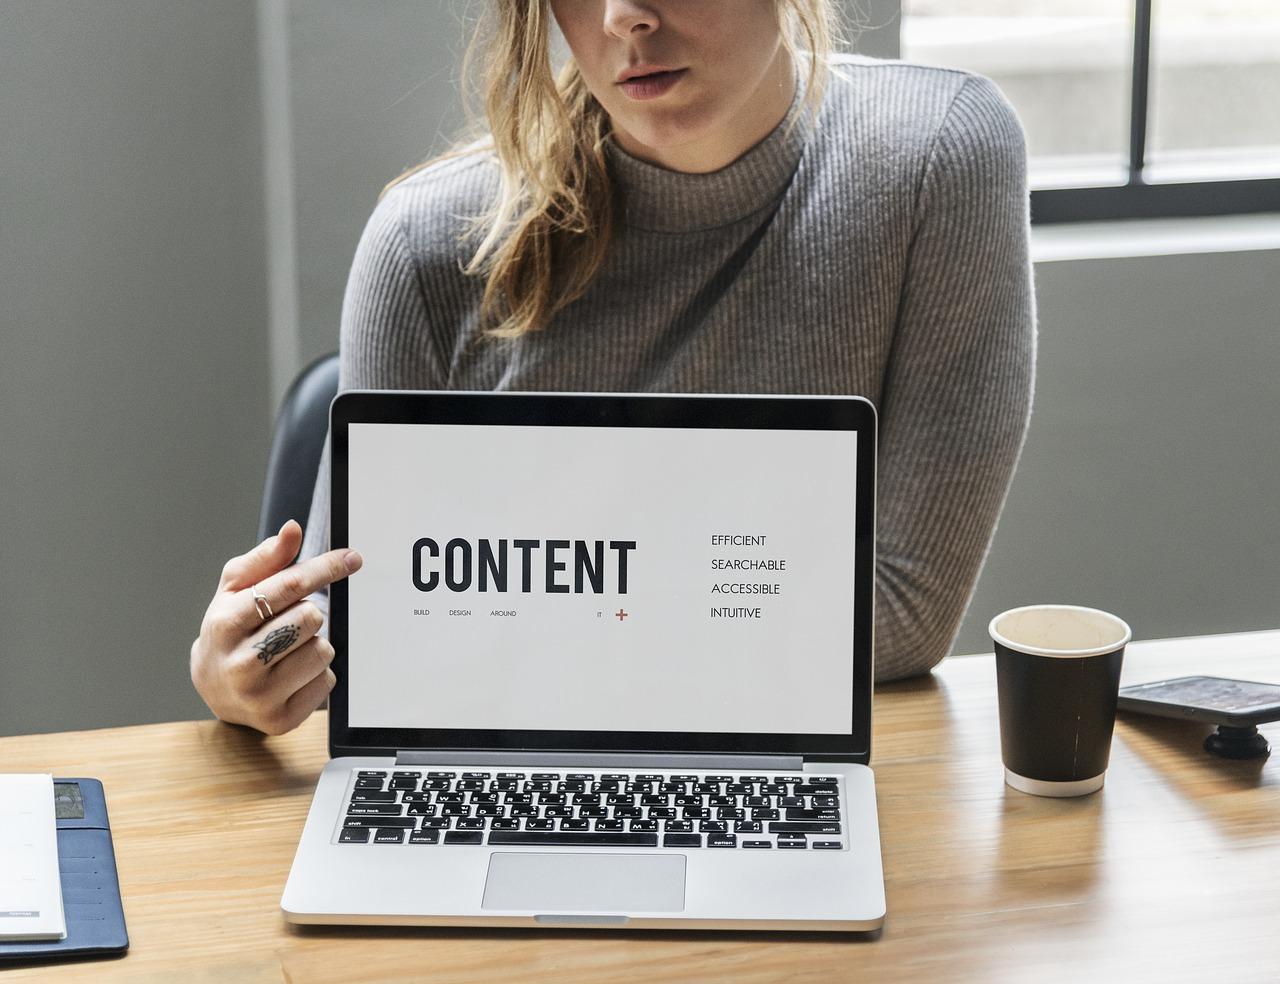 Marketing per le associazioni: la ricchezza dei tuoi contenuti